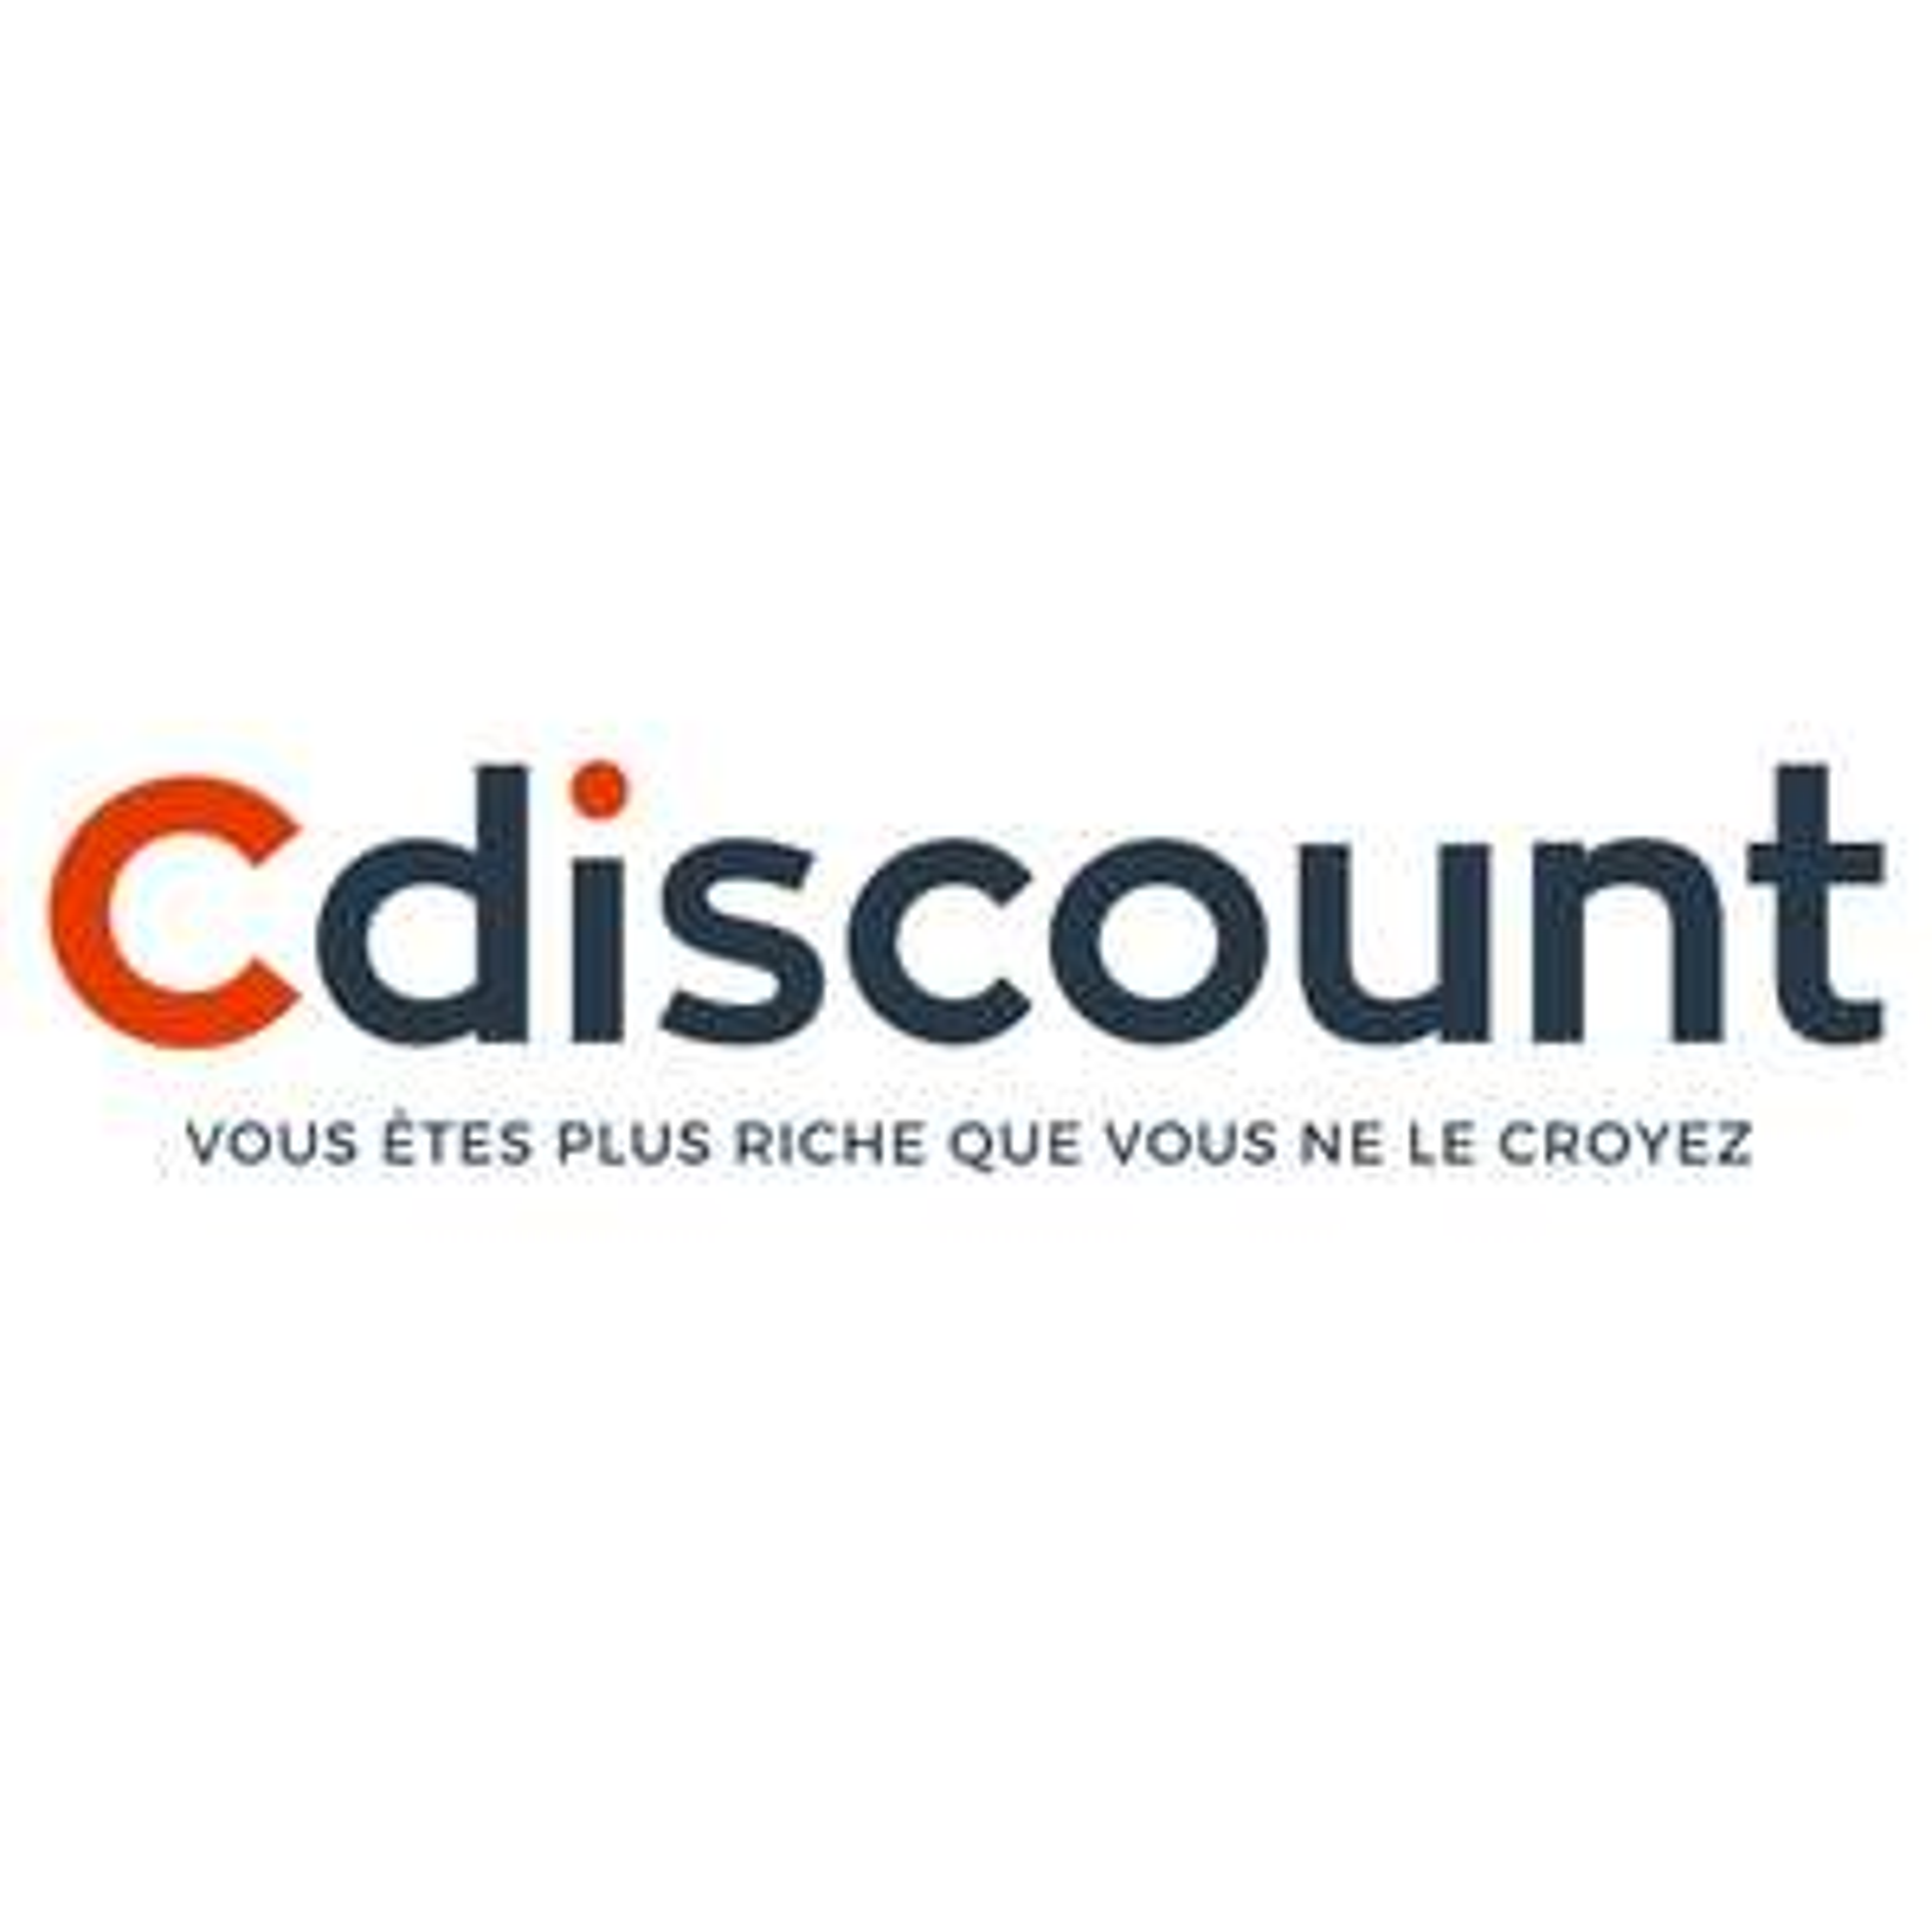 25€ de réduction dès 249€ d'achat et 50€ dès 499€ sur tout le site